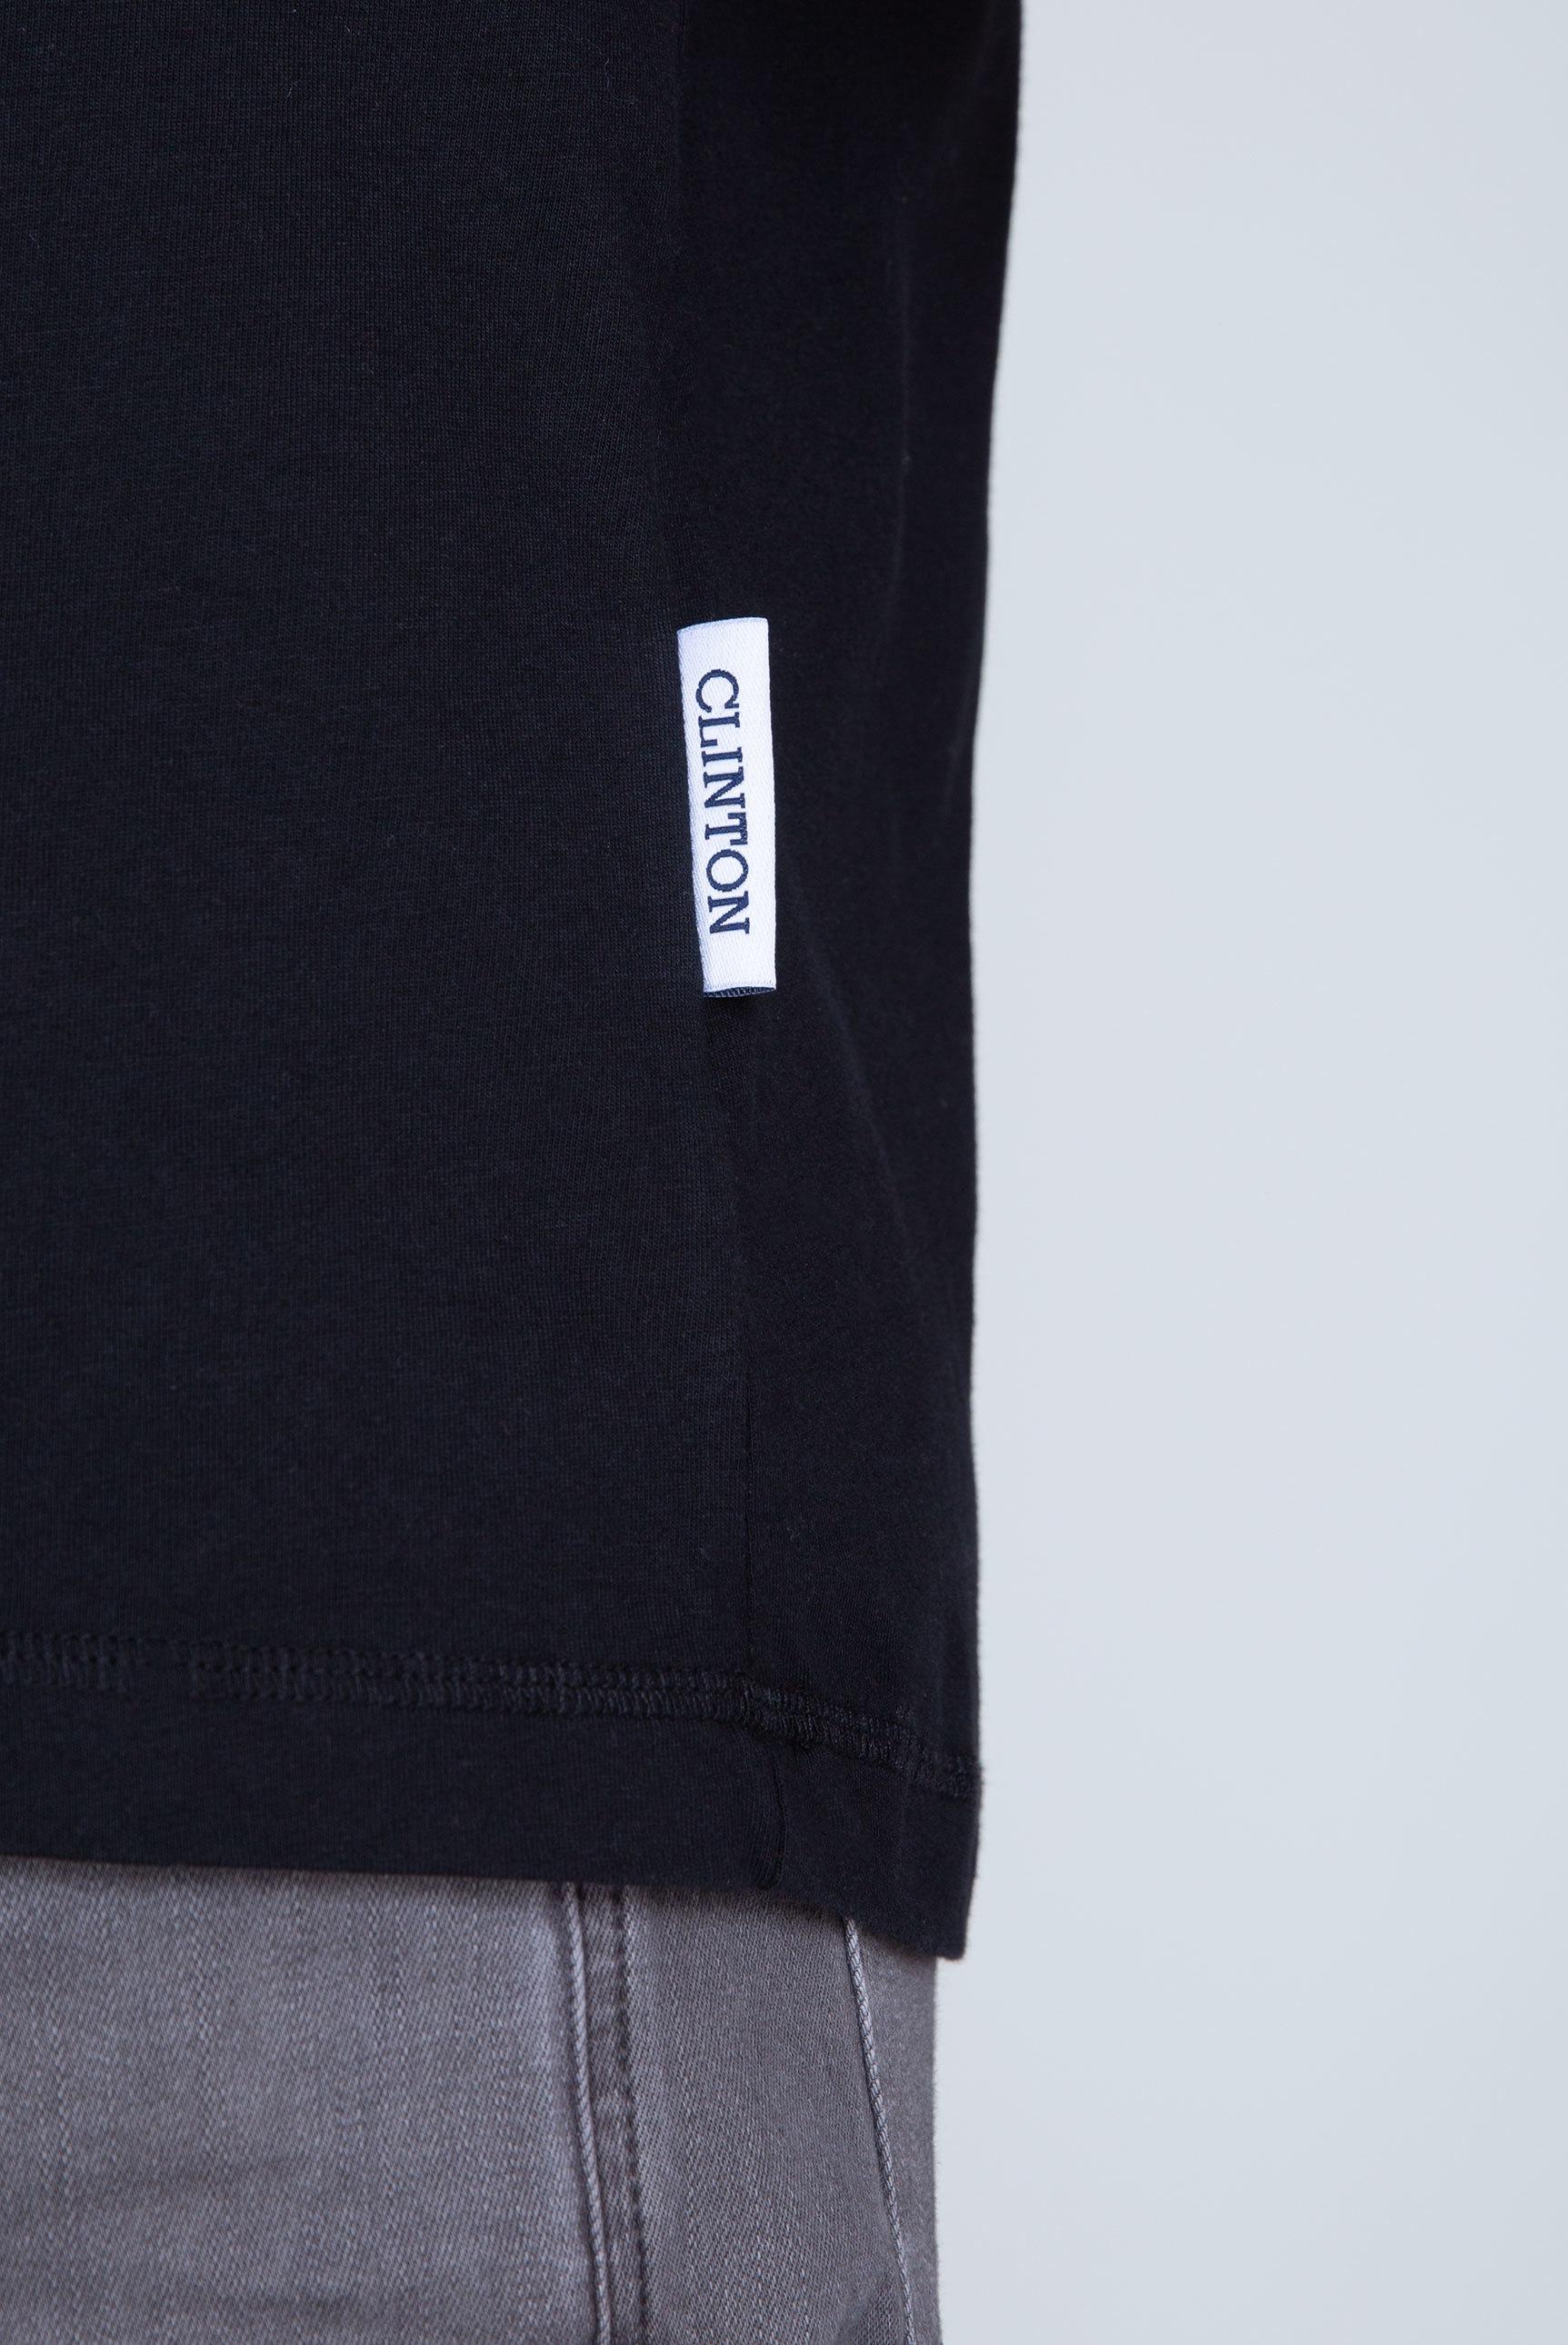 T-Shirt Rundhals mit Logo Print